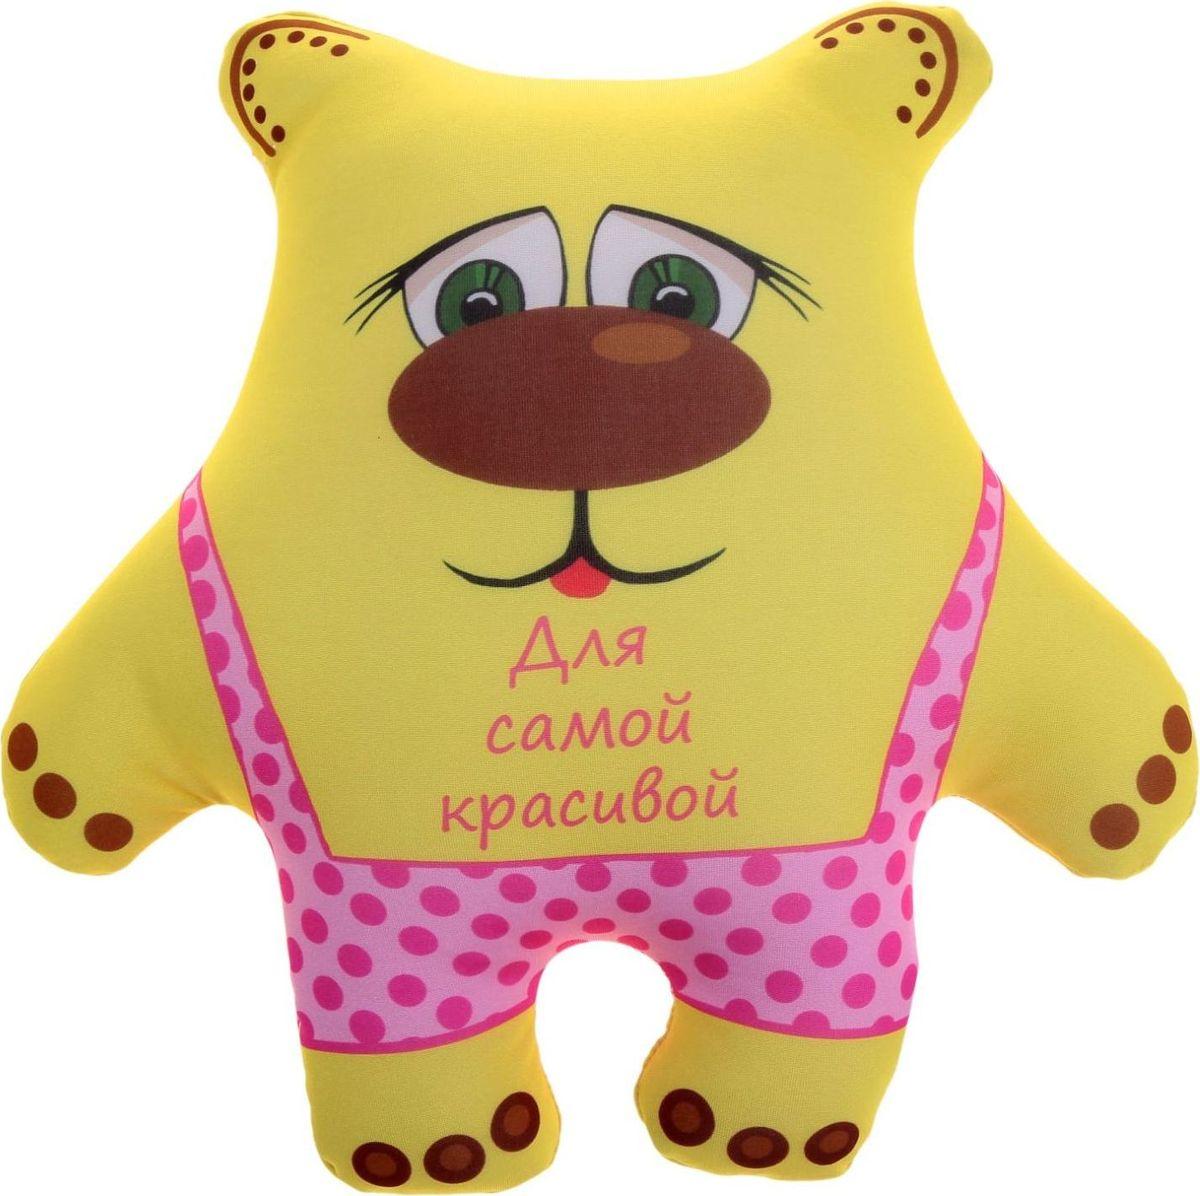 Sima-land Антистрессовая игрушка Медвежонок Для самой красивой sima land мягкая игрушка на руку мальчик 1147835